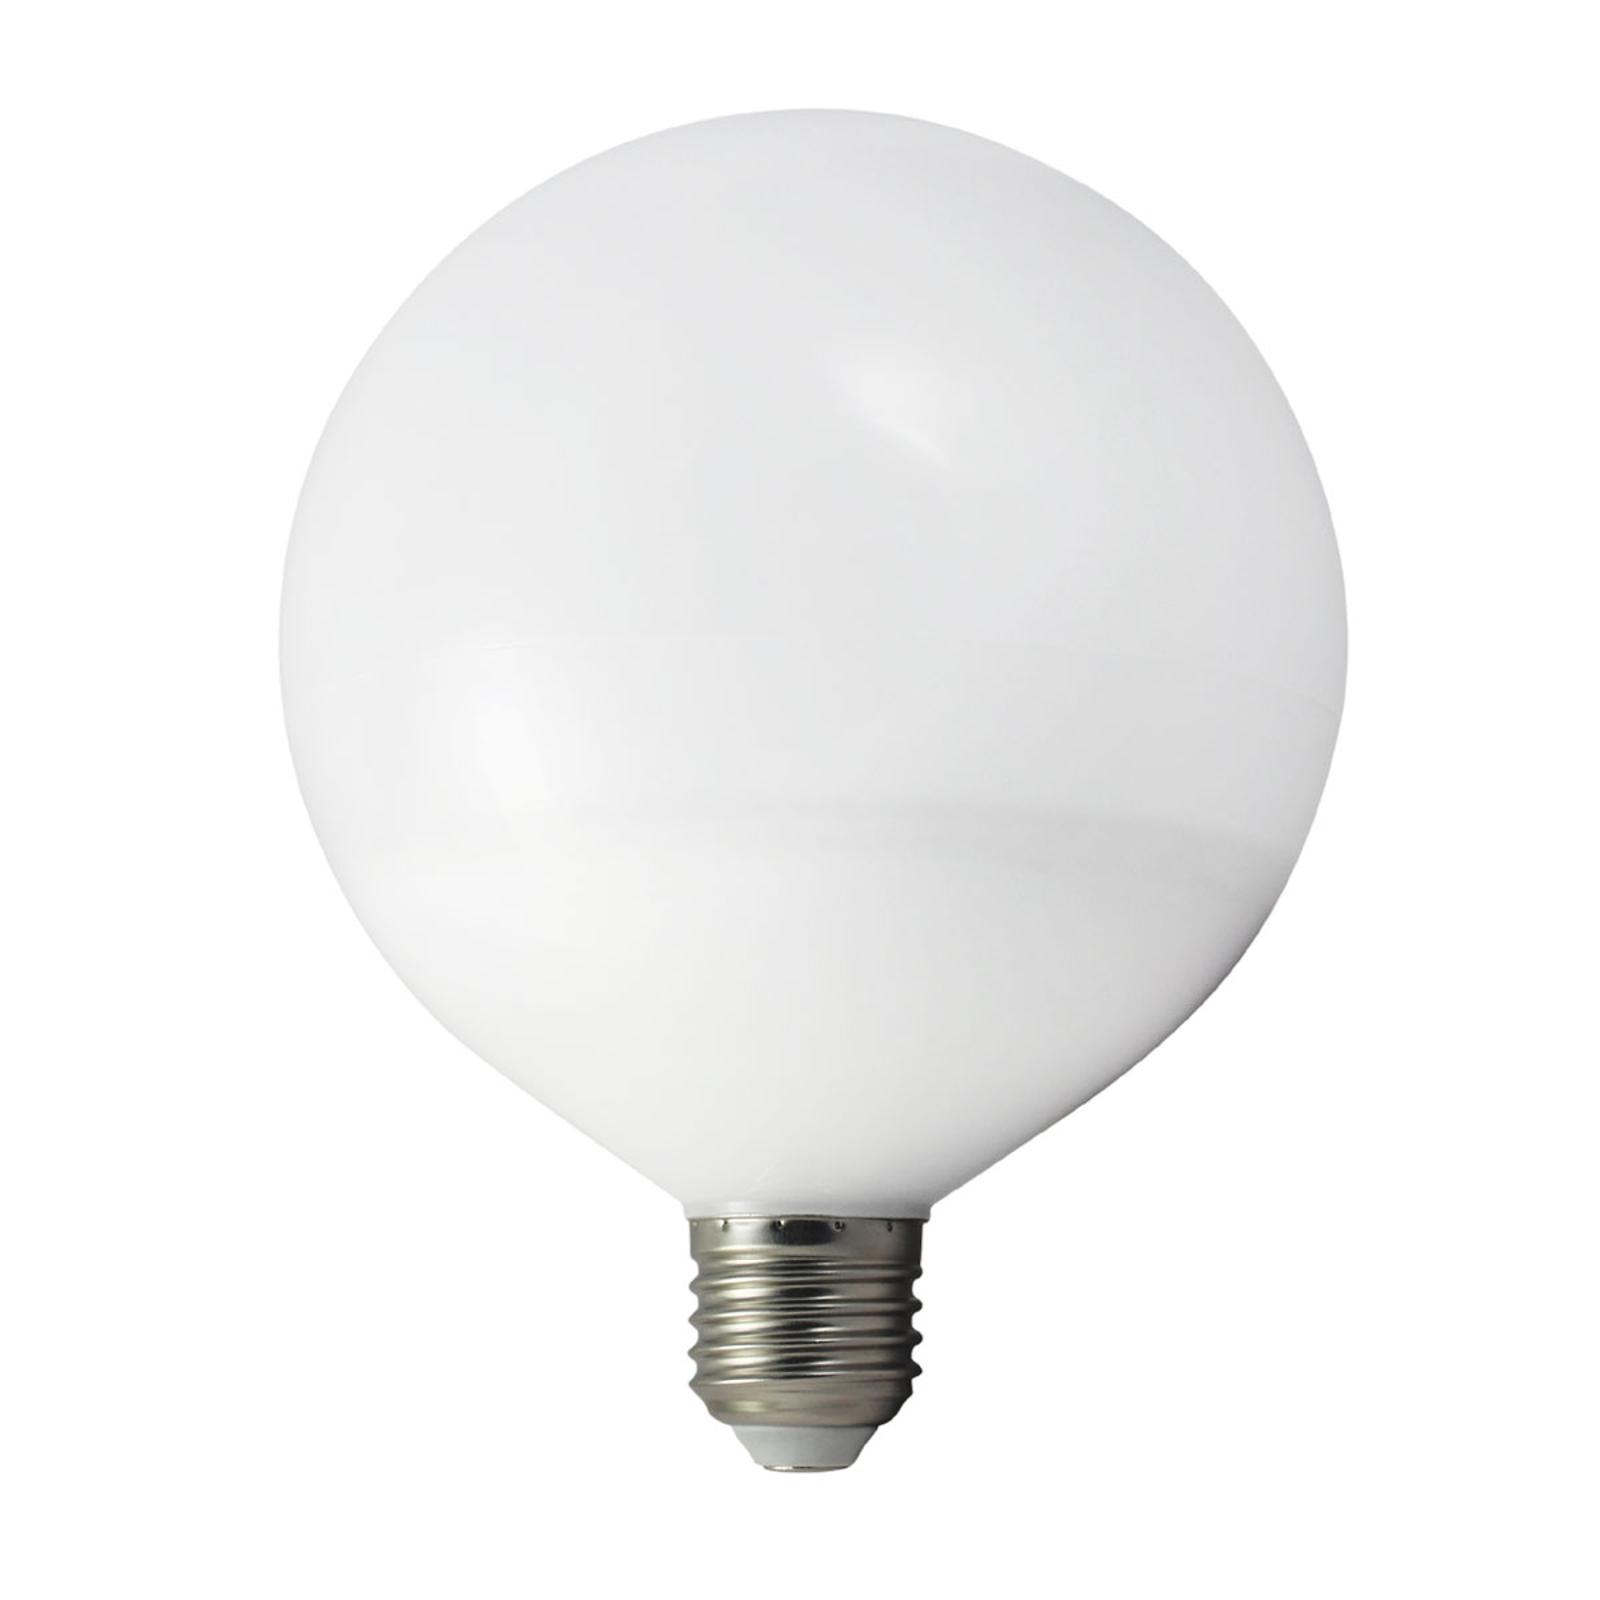 E27 15W 827 LED-Globelampe, warmweiß